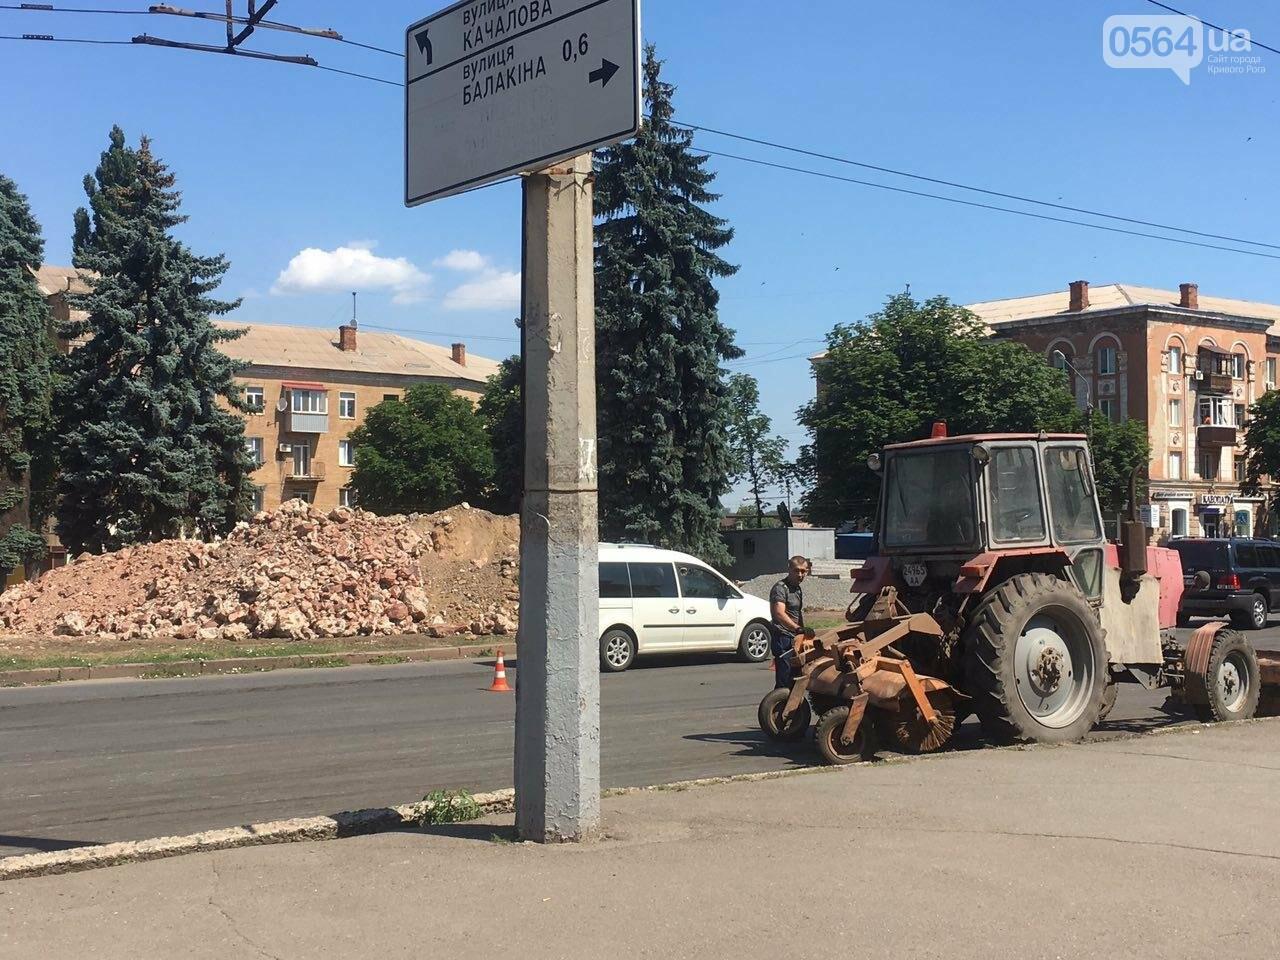 В Кривом Роге готовят площадь для установки памятника Киевскому князю Владимиру Великому, - ФОТО, фото-17